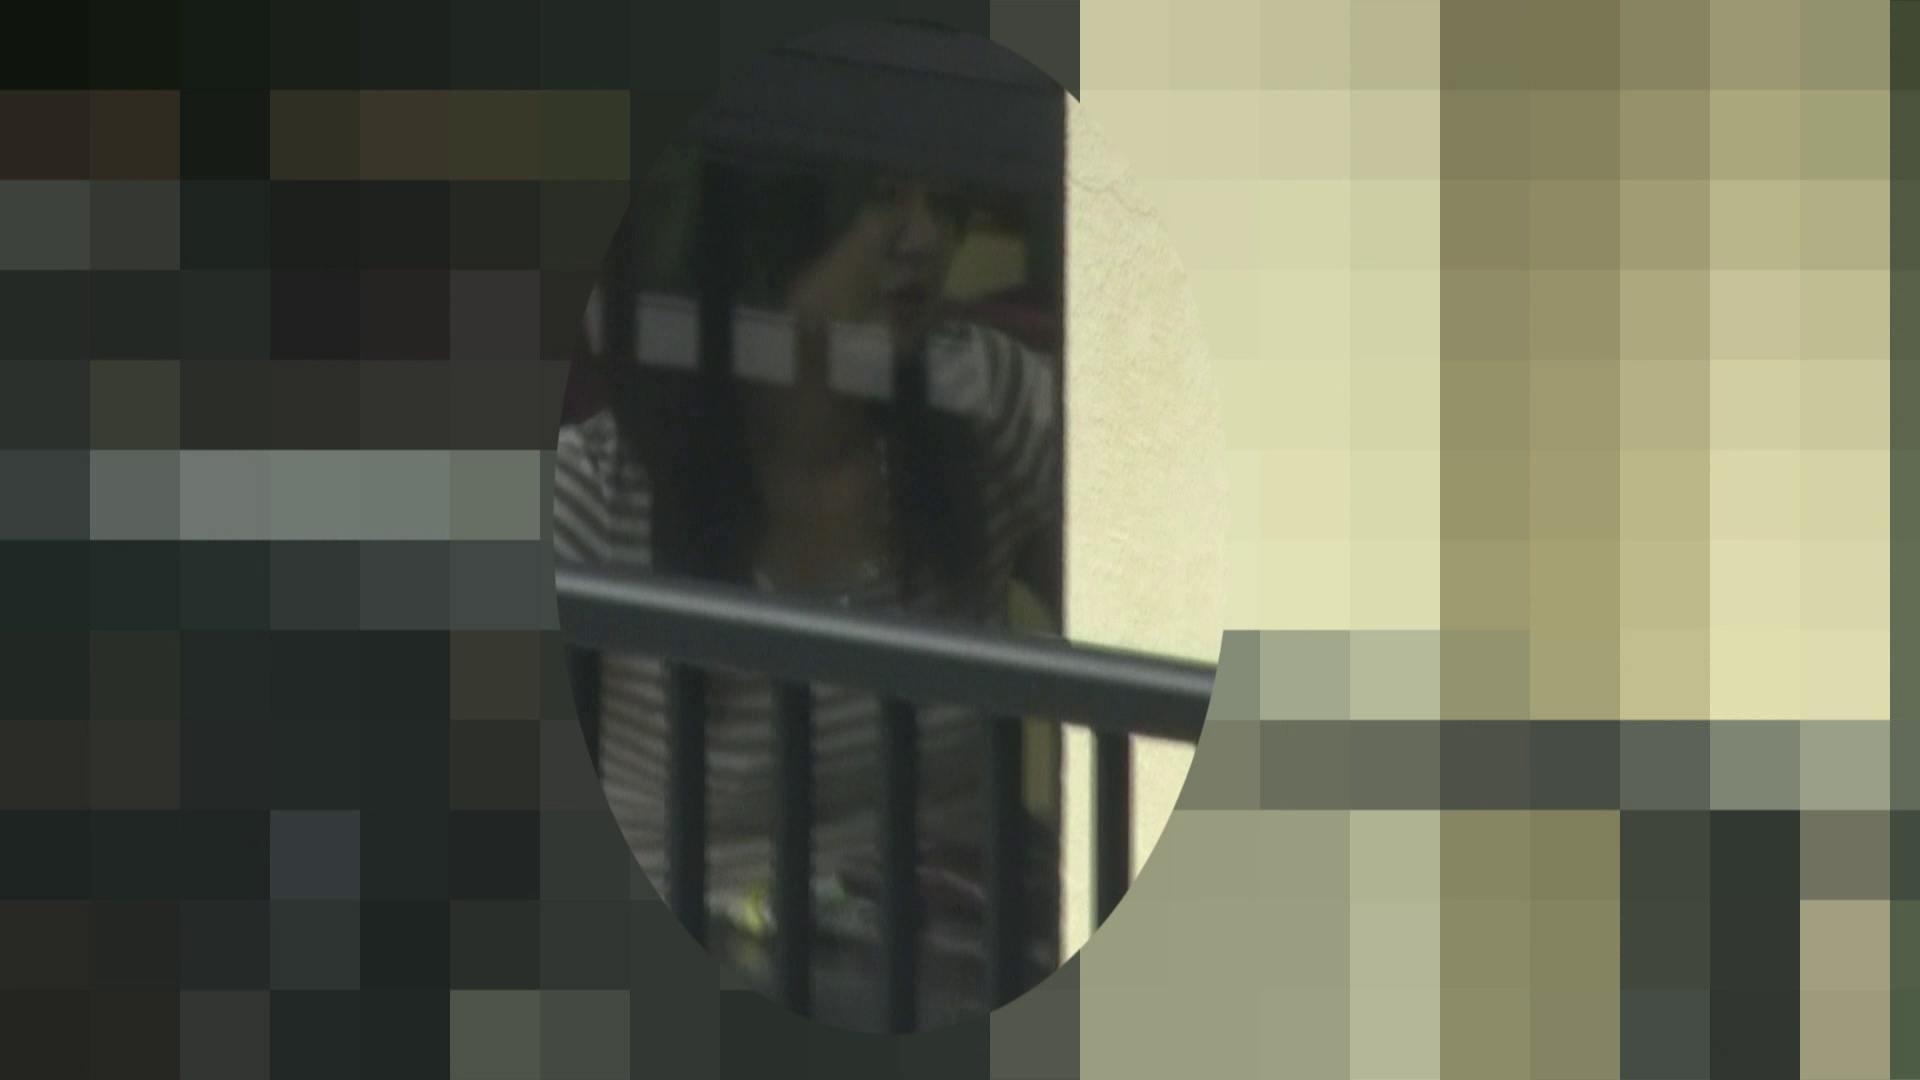 高画質露天女風呂観察 vol.032 入浴隠し撮り 濡れ場動画紹介 83pic 75